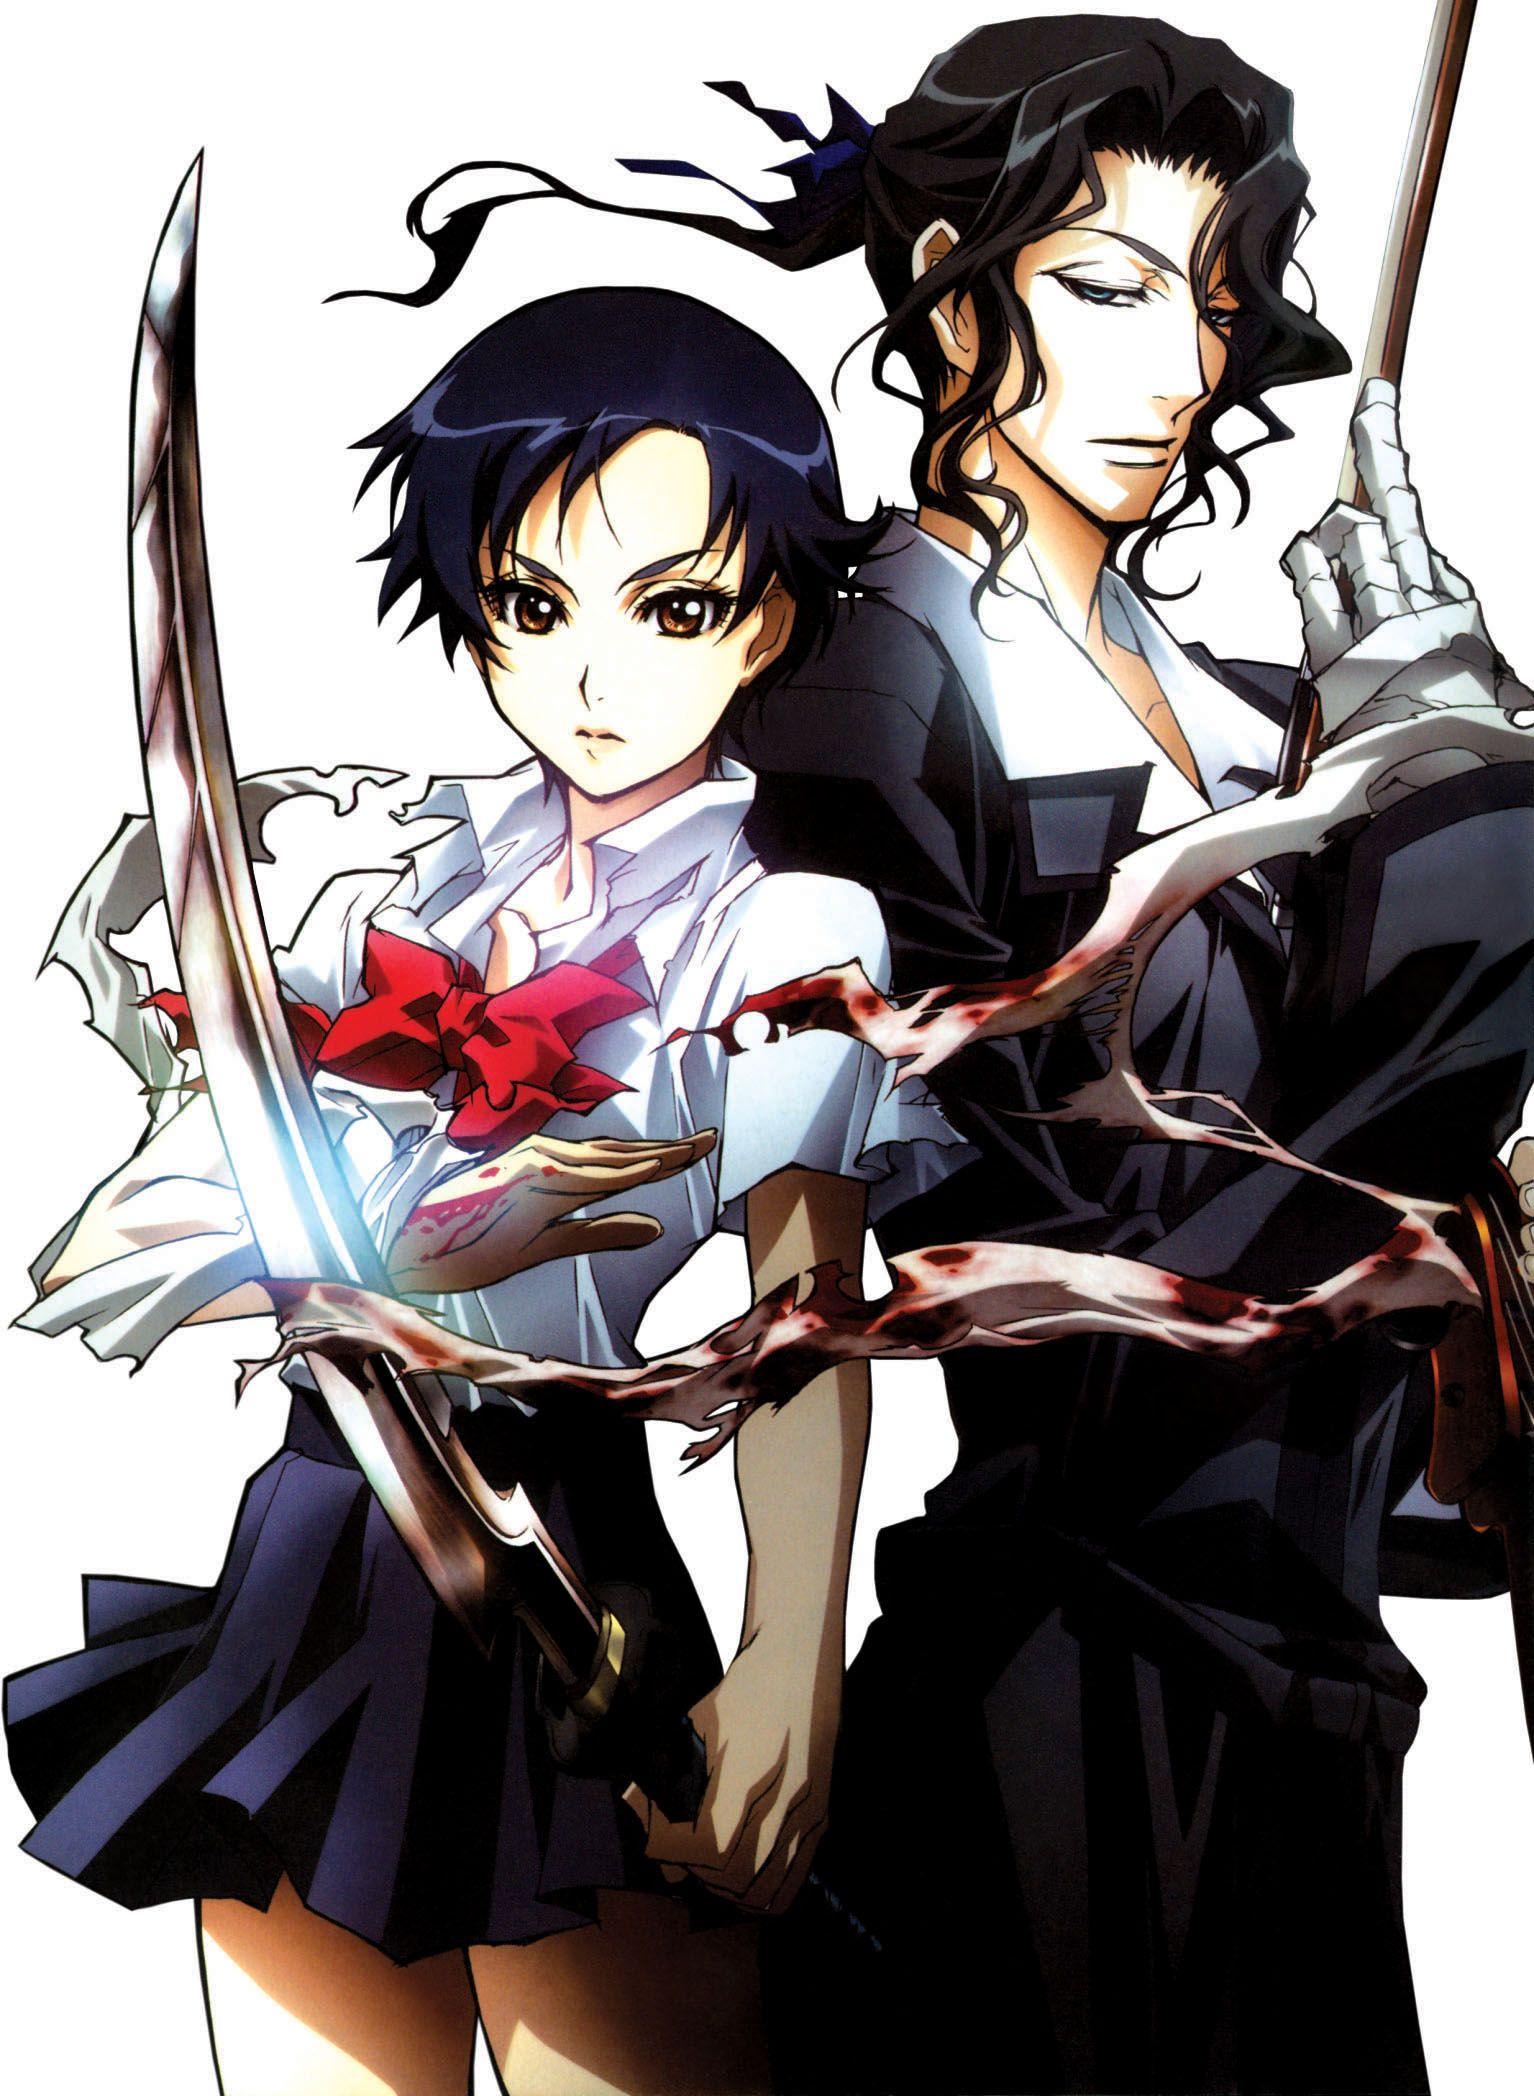 ブラッドプラス // Blood+ anime Anime, Blood anime, Anime episodes